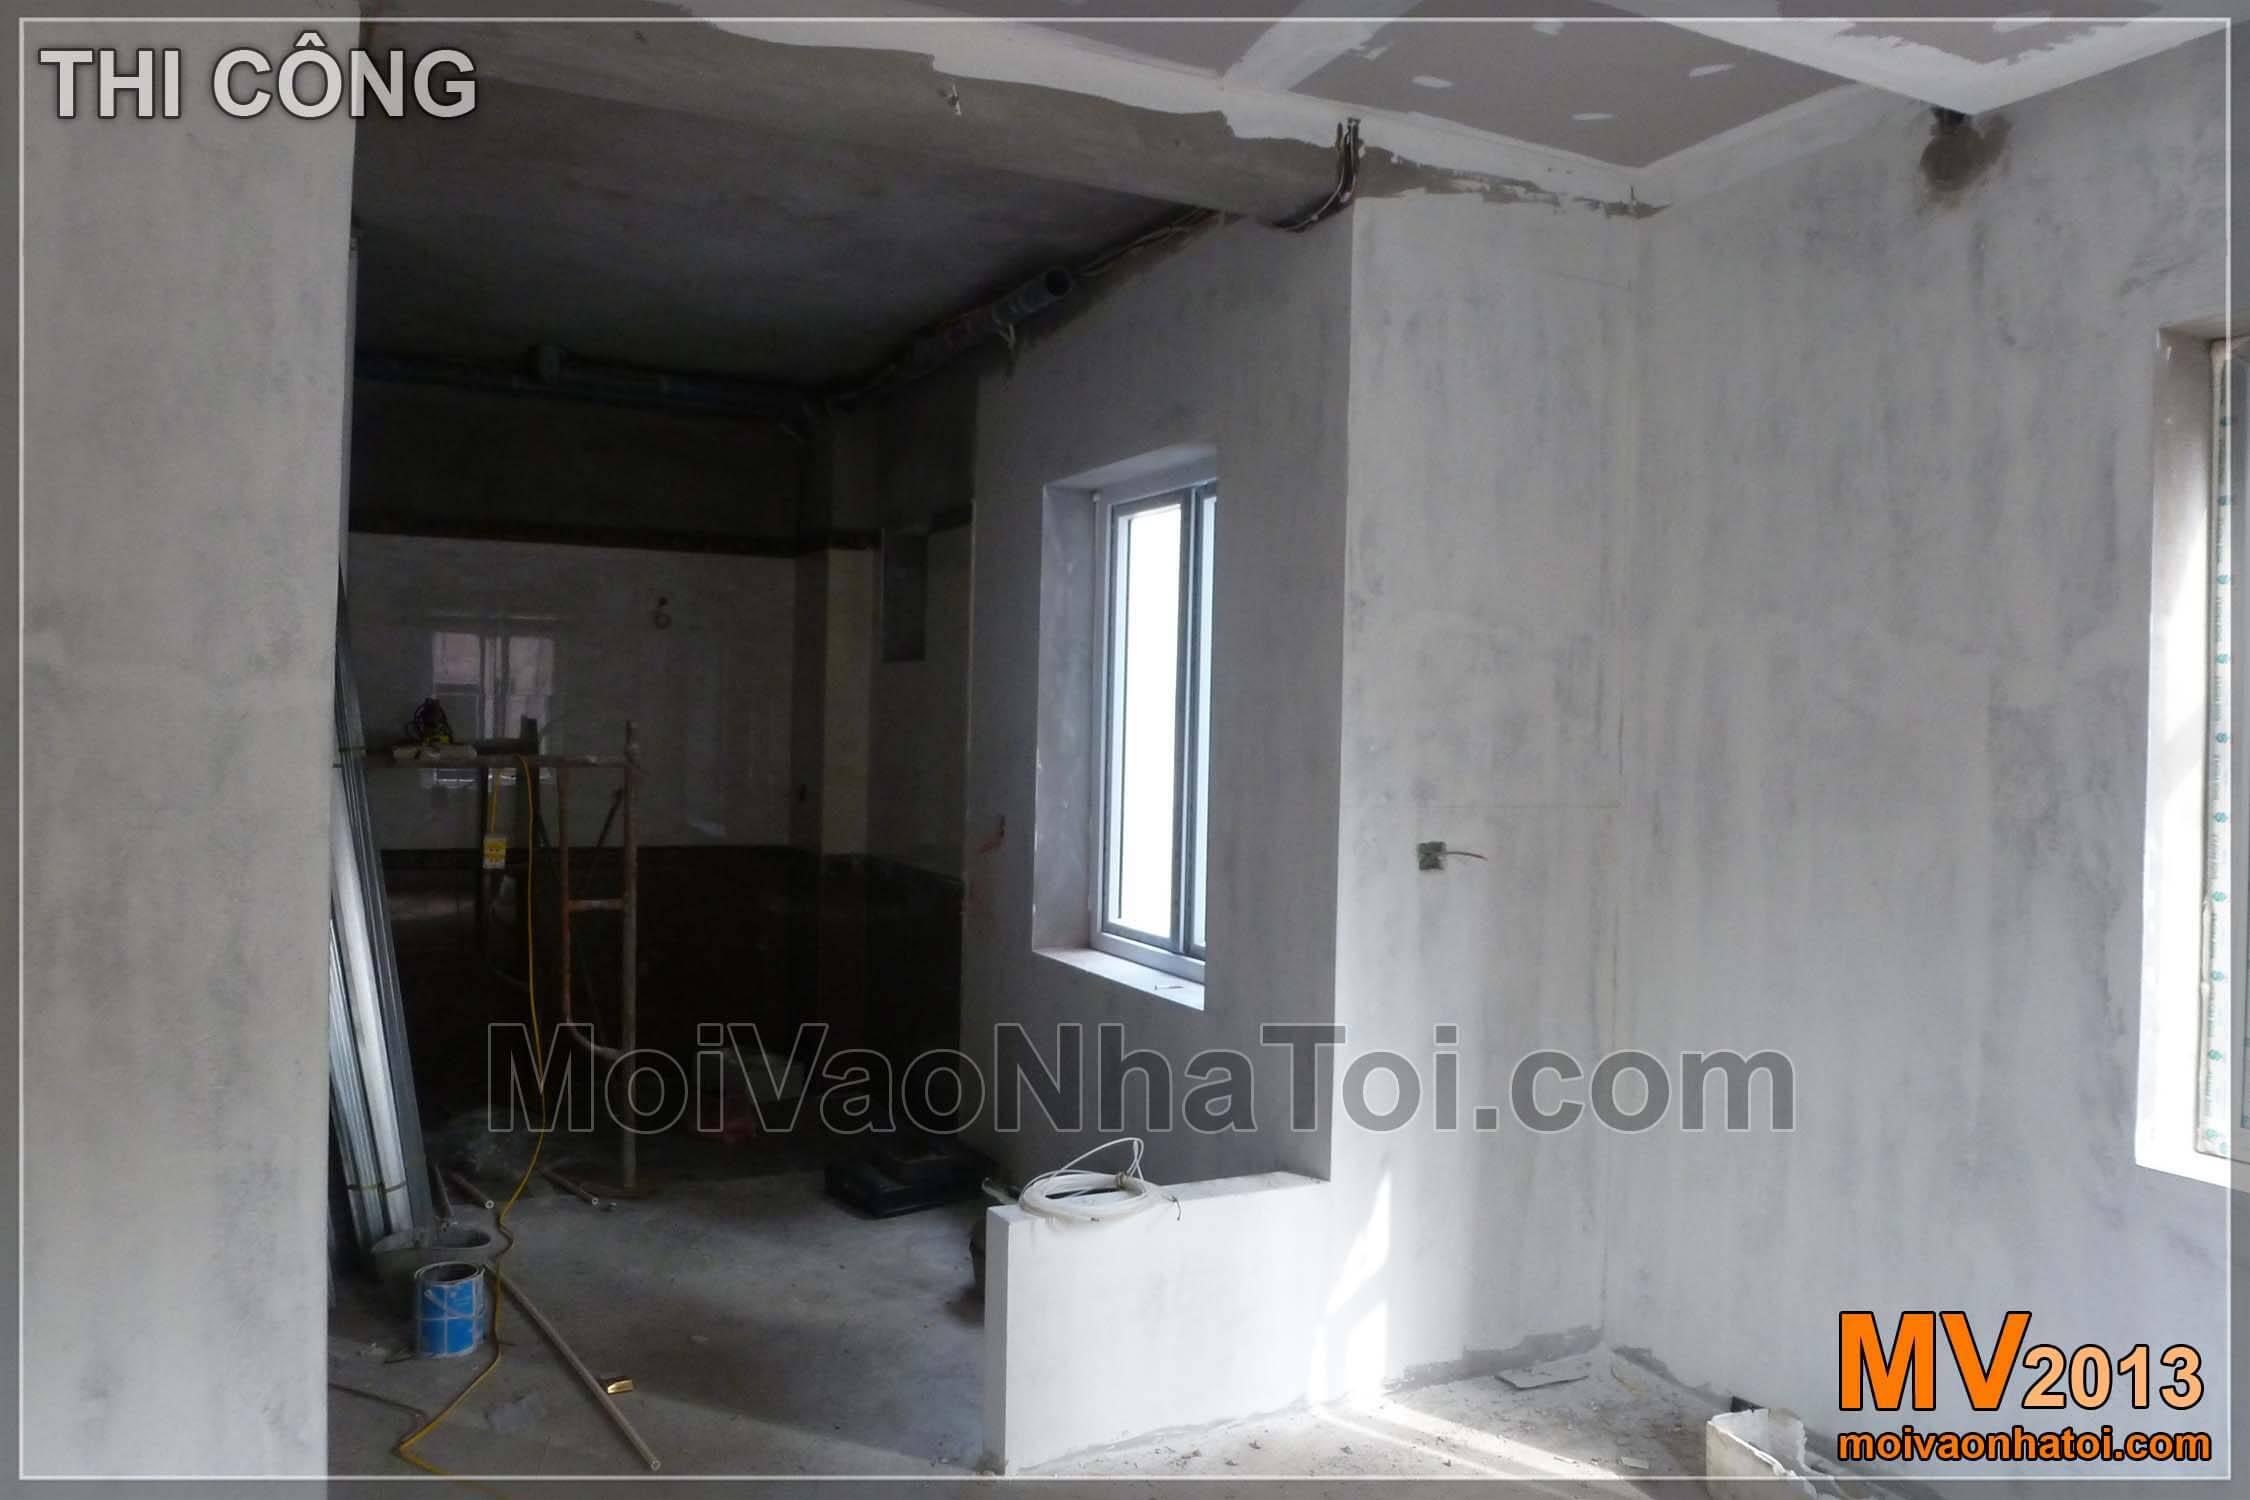 Hình ảnh quá trình thi công biệt thự - nội thất phòng ngủ